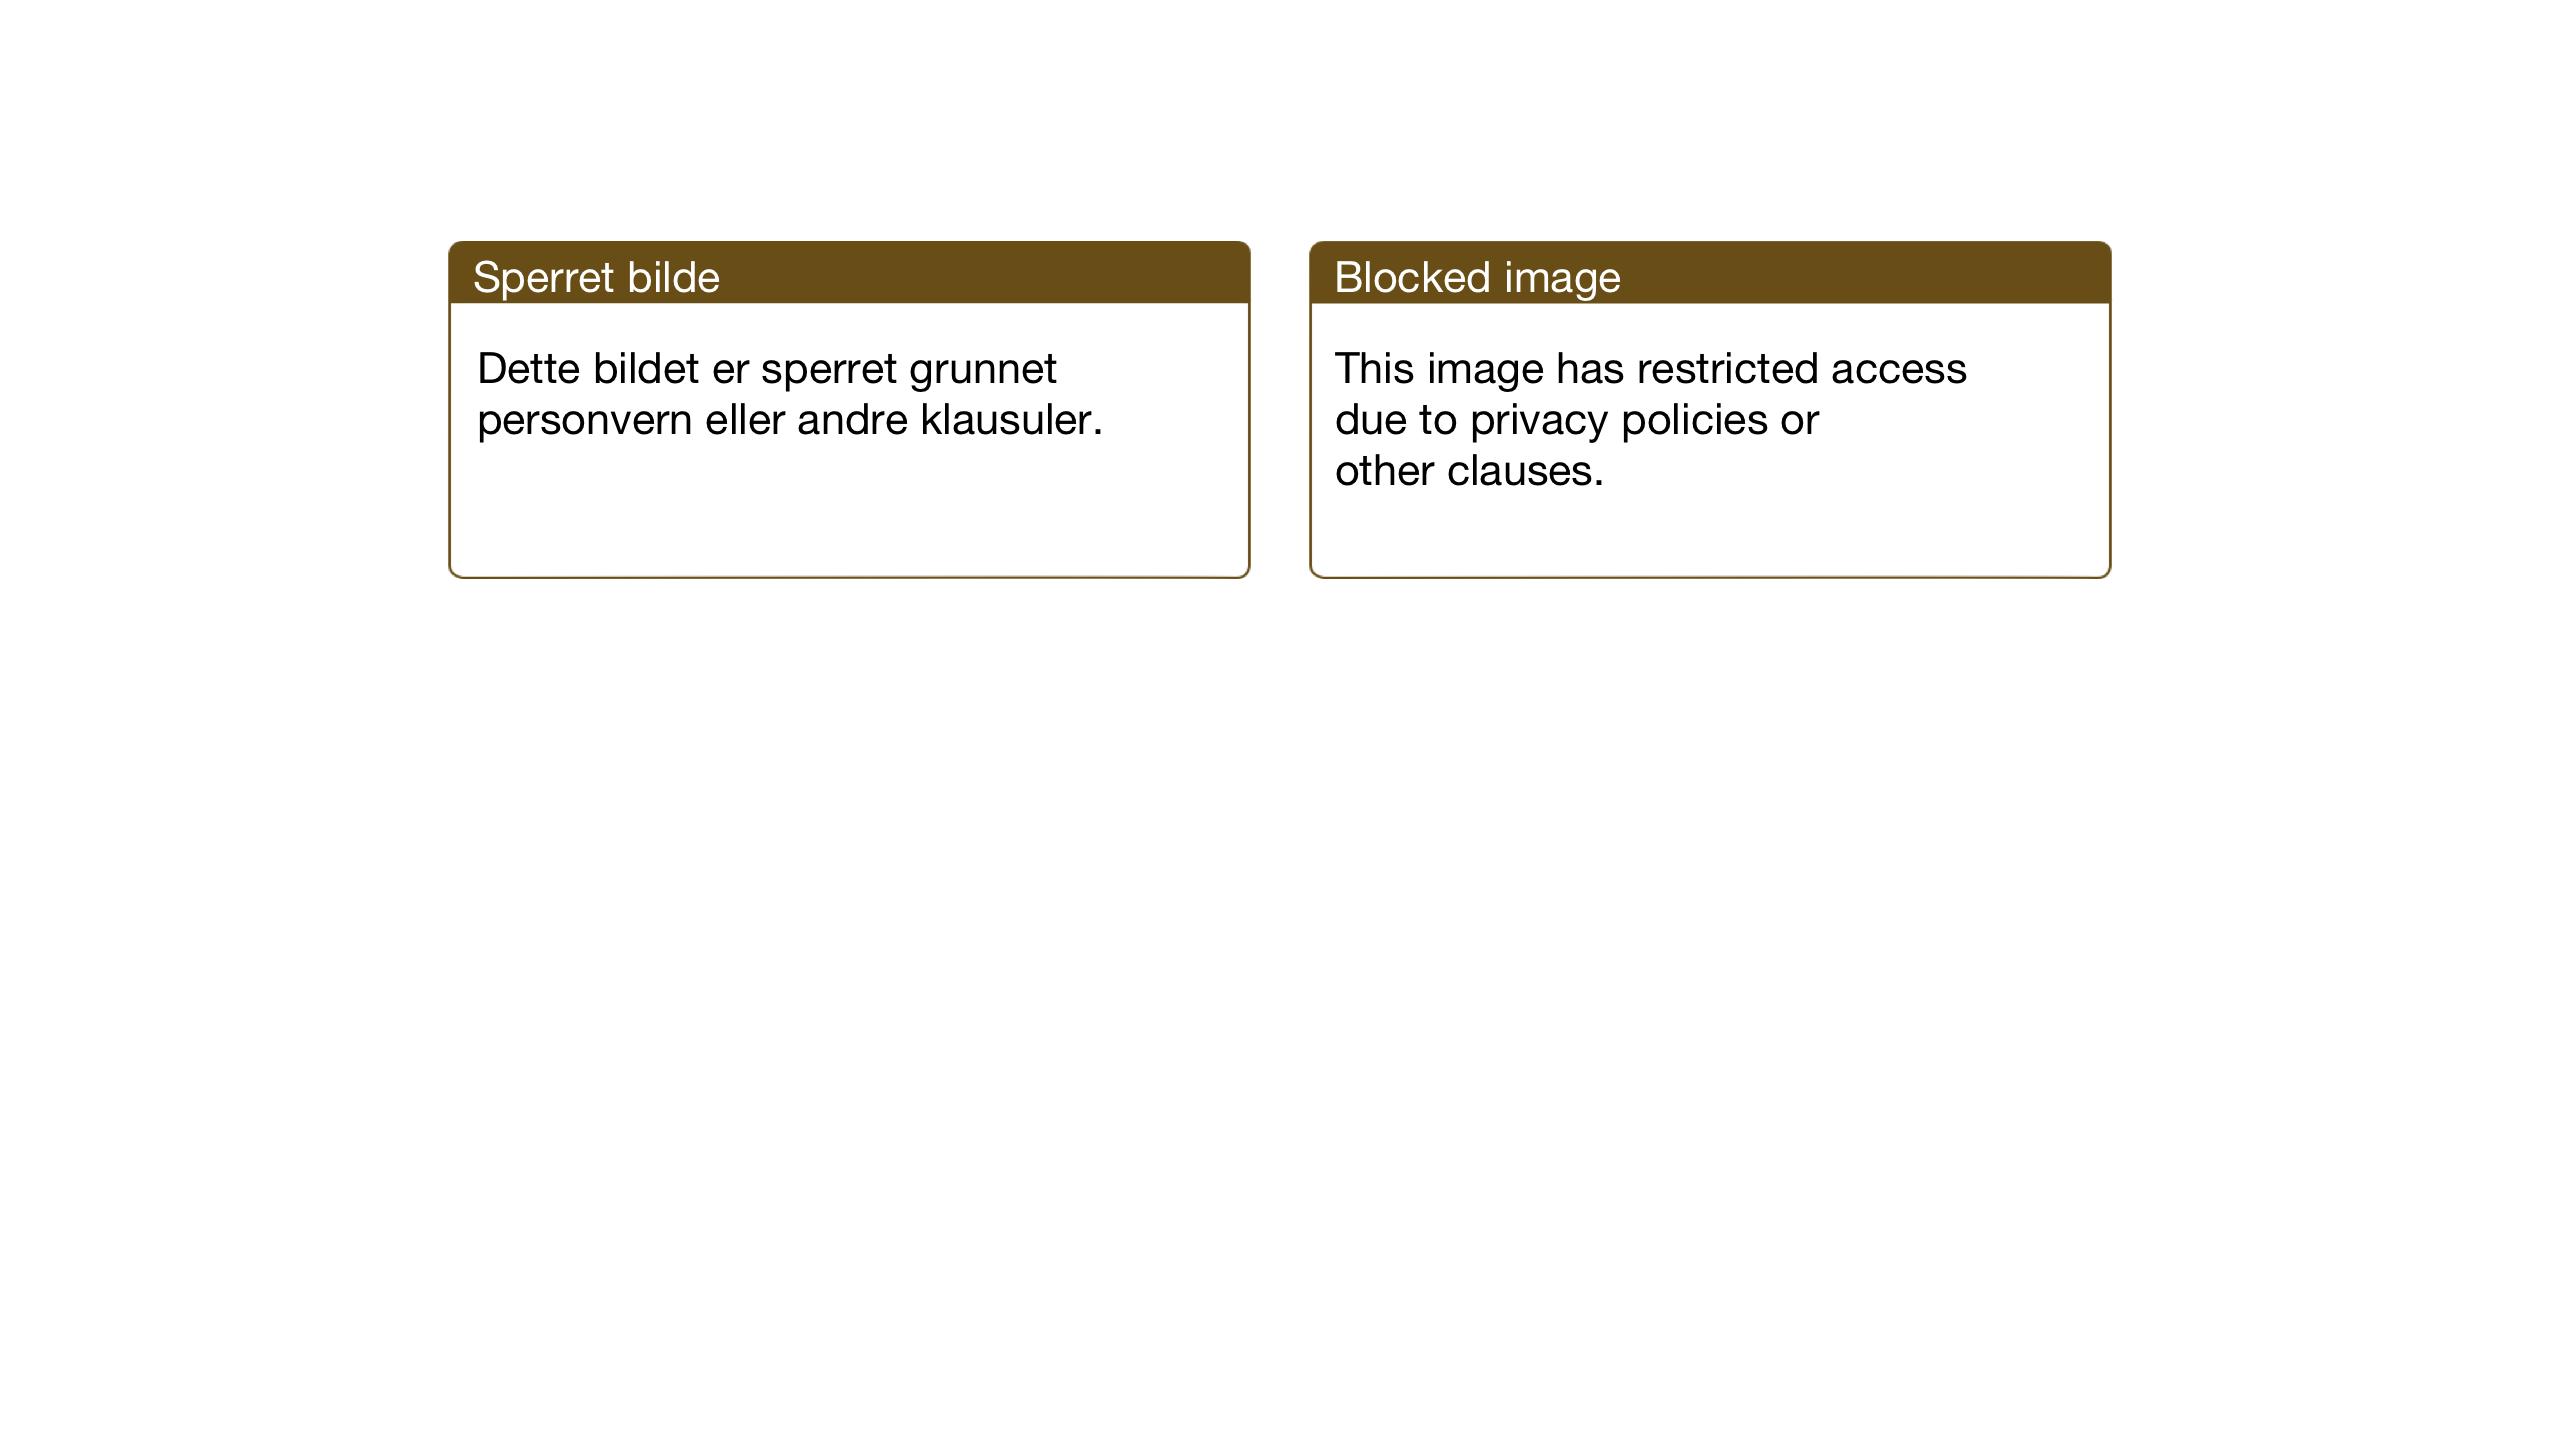 SAT, Ministerialprotokoller, klokkerbøker og fødselsregistre - Nord-Trøndelag, 739/L0377: Klokkerbok nr. 739C05, 1940-1947, s. 20